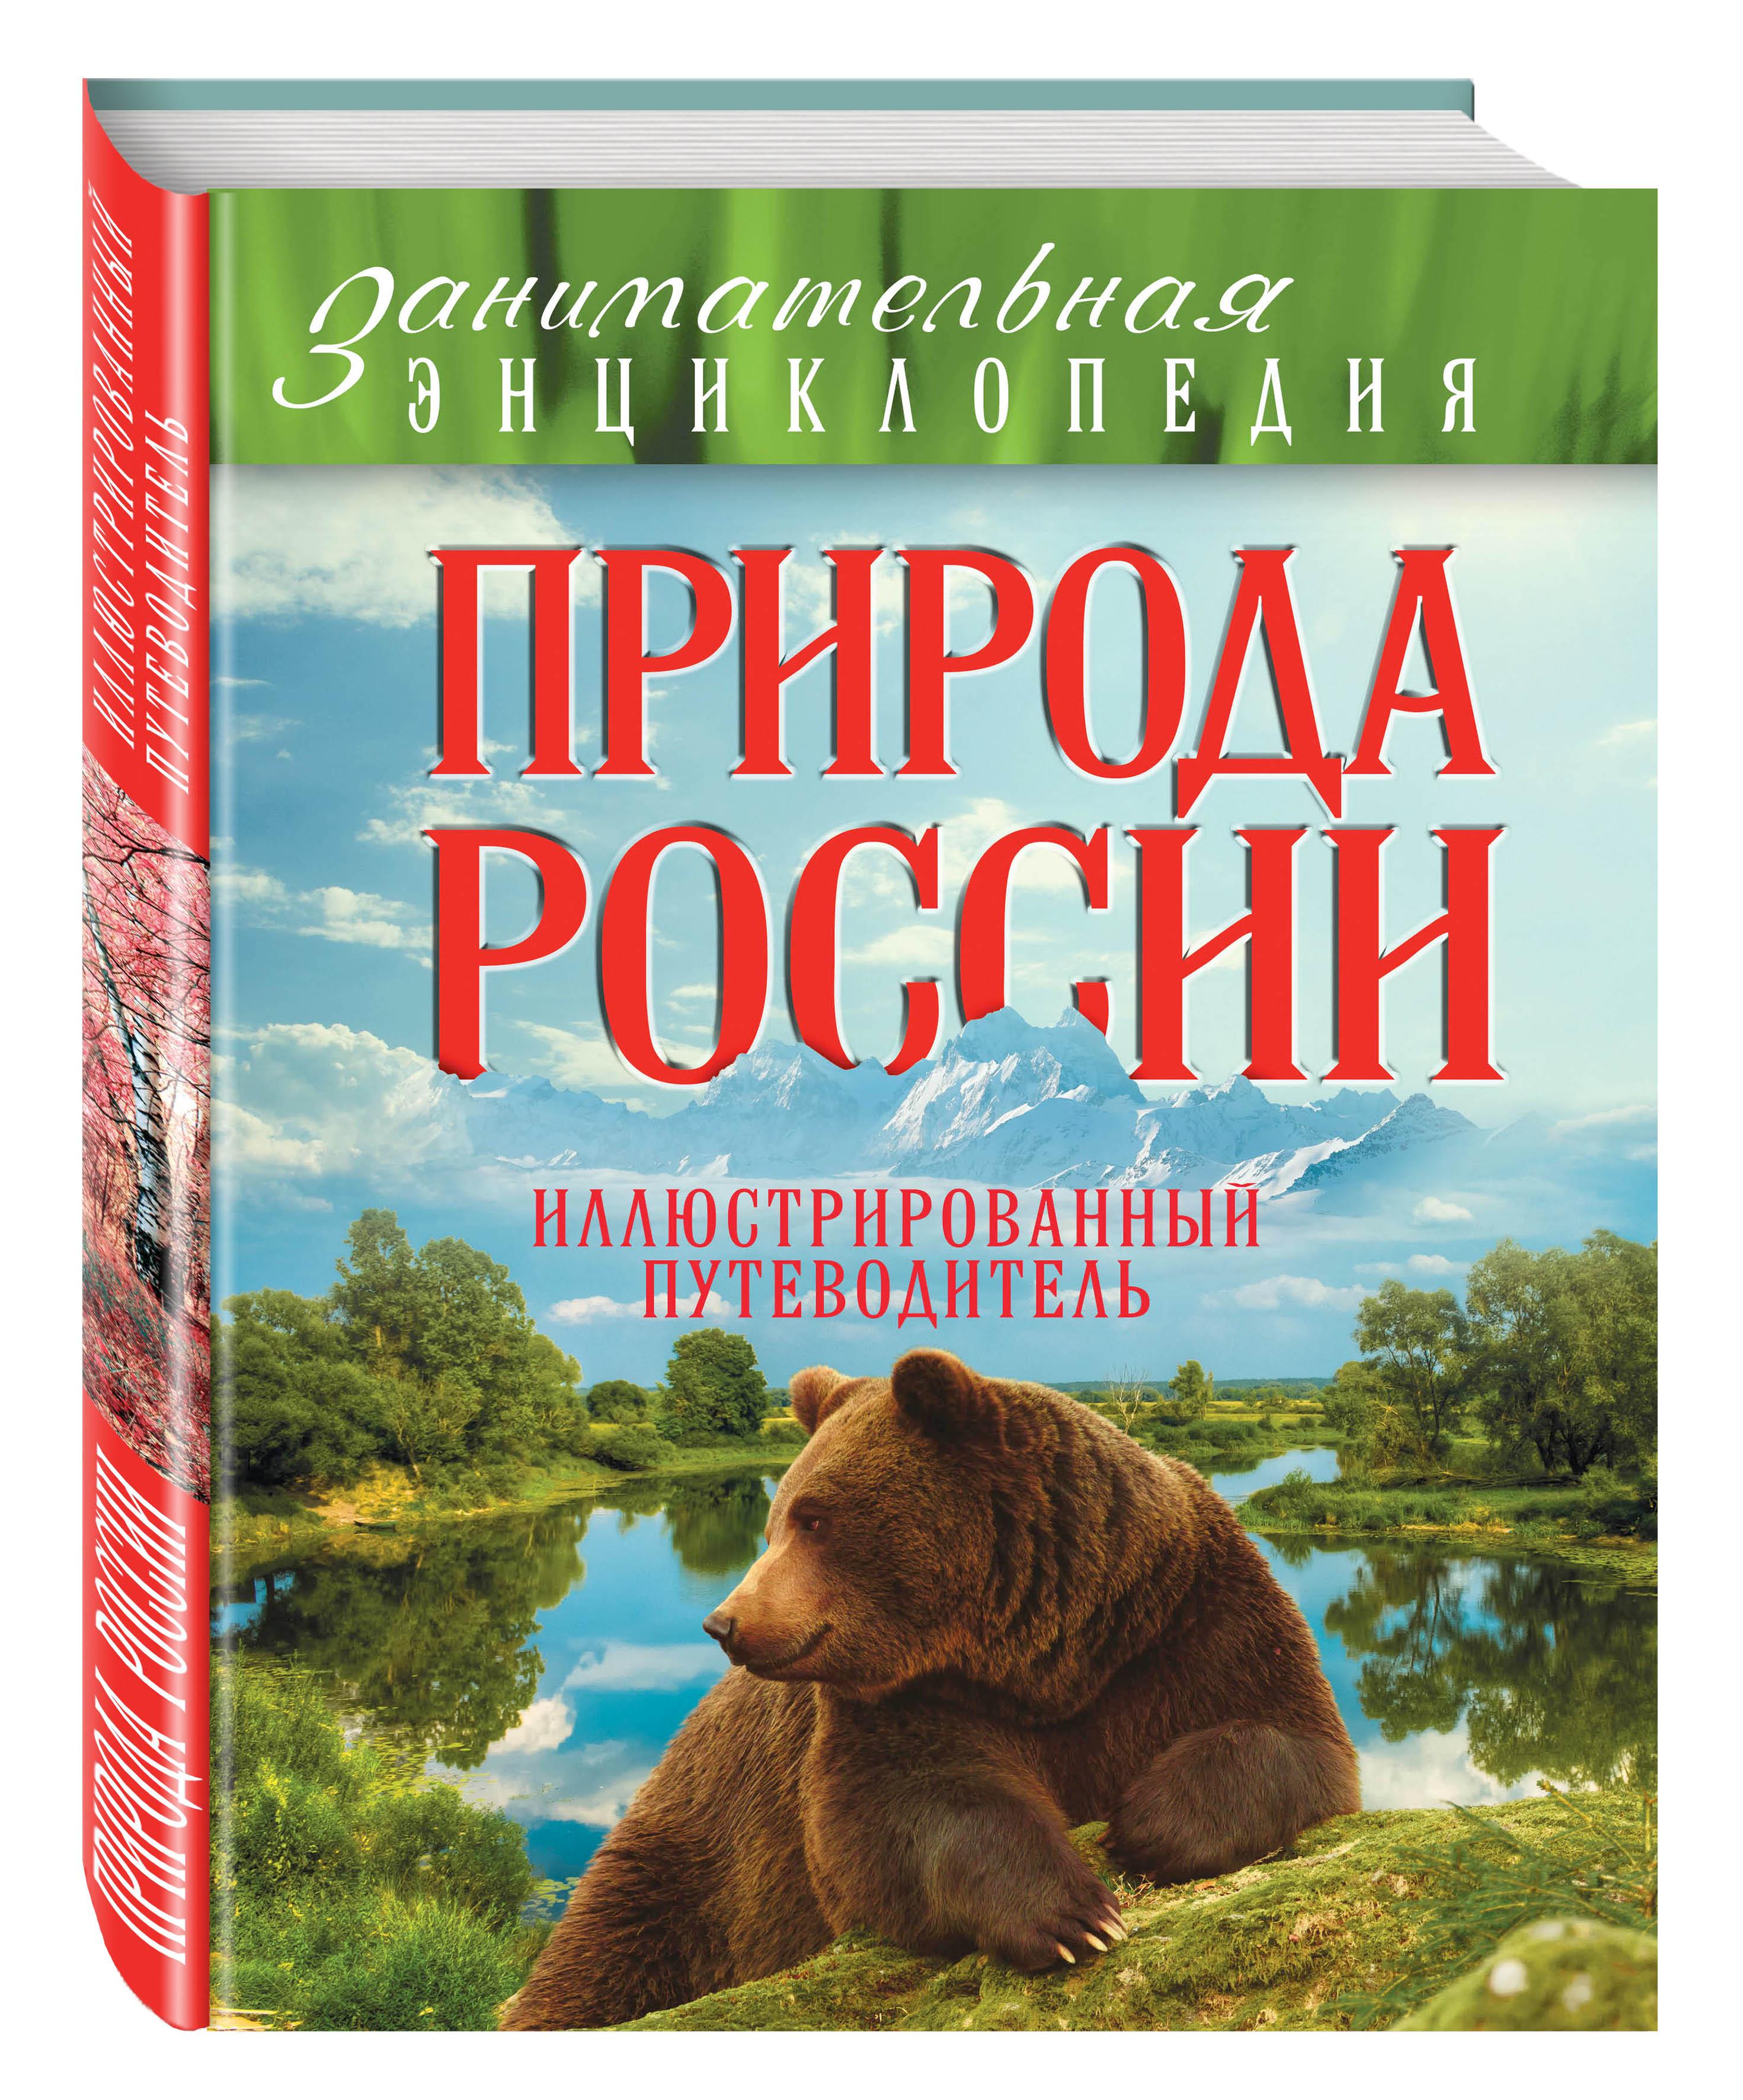 Природа России: иллюстрированный путеводитель от book24.ru